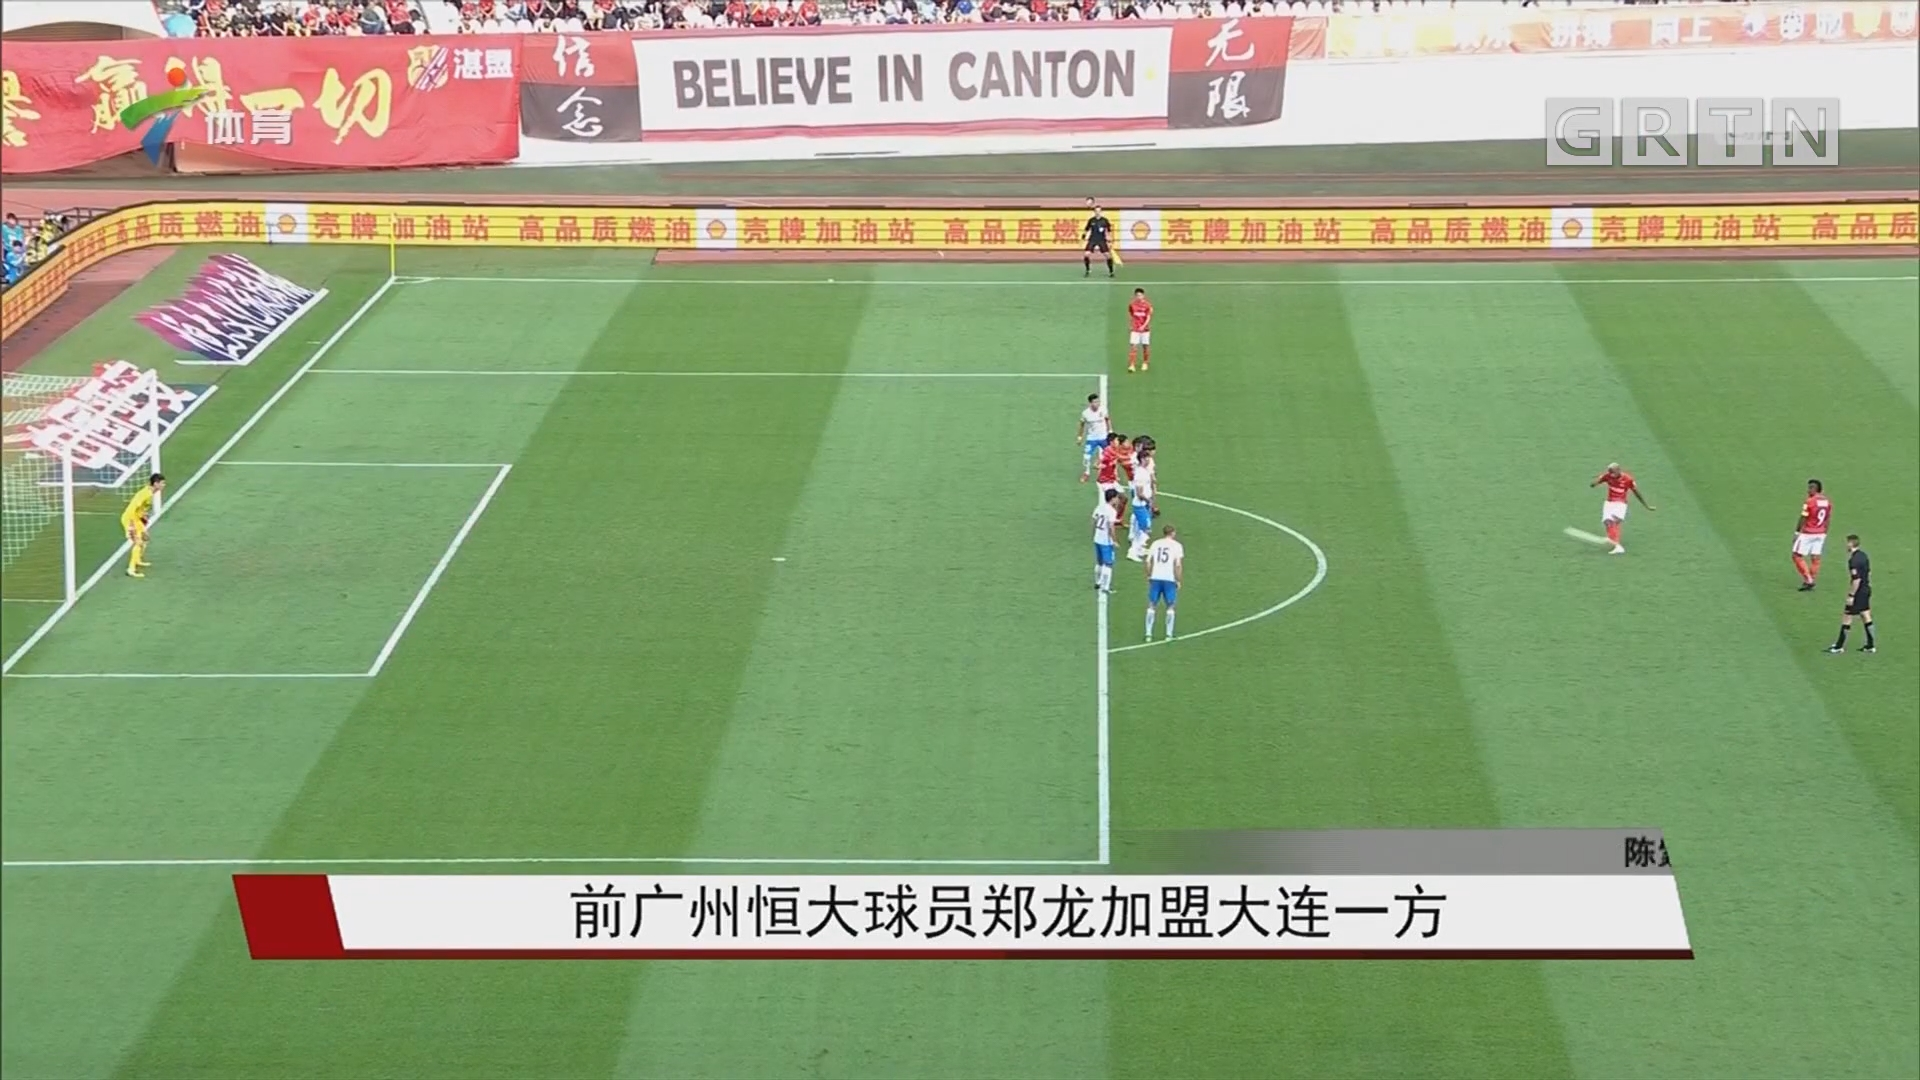 前广州恒大球员郑龙加盟大连一方